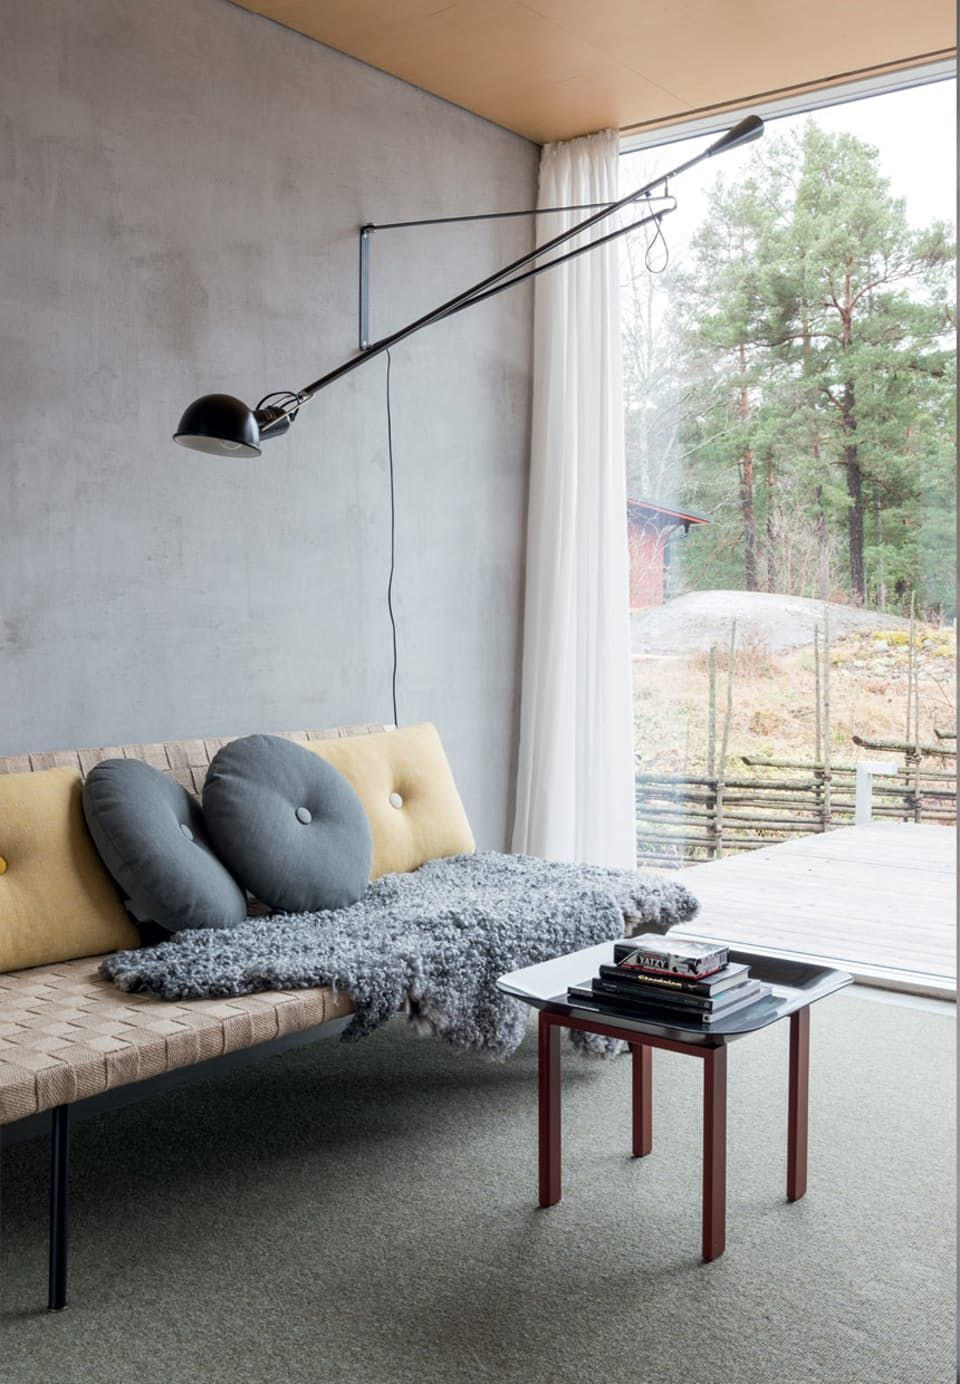 Spektakulær bolig midt i naturen | Ikea design, Daybed and Living rooms